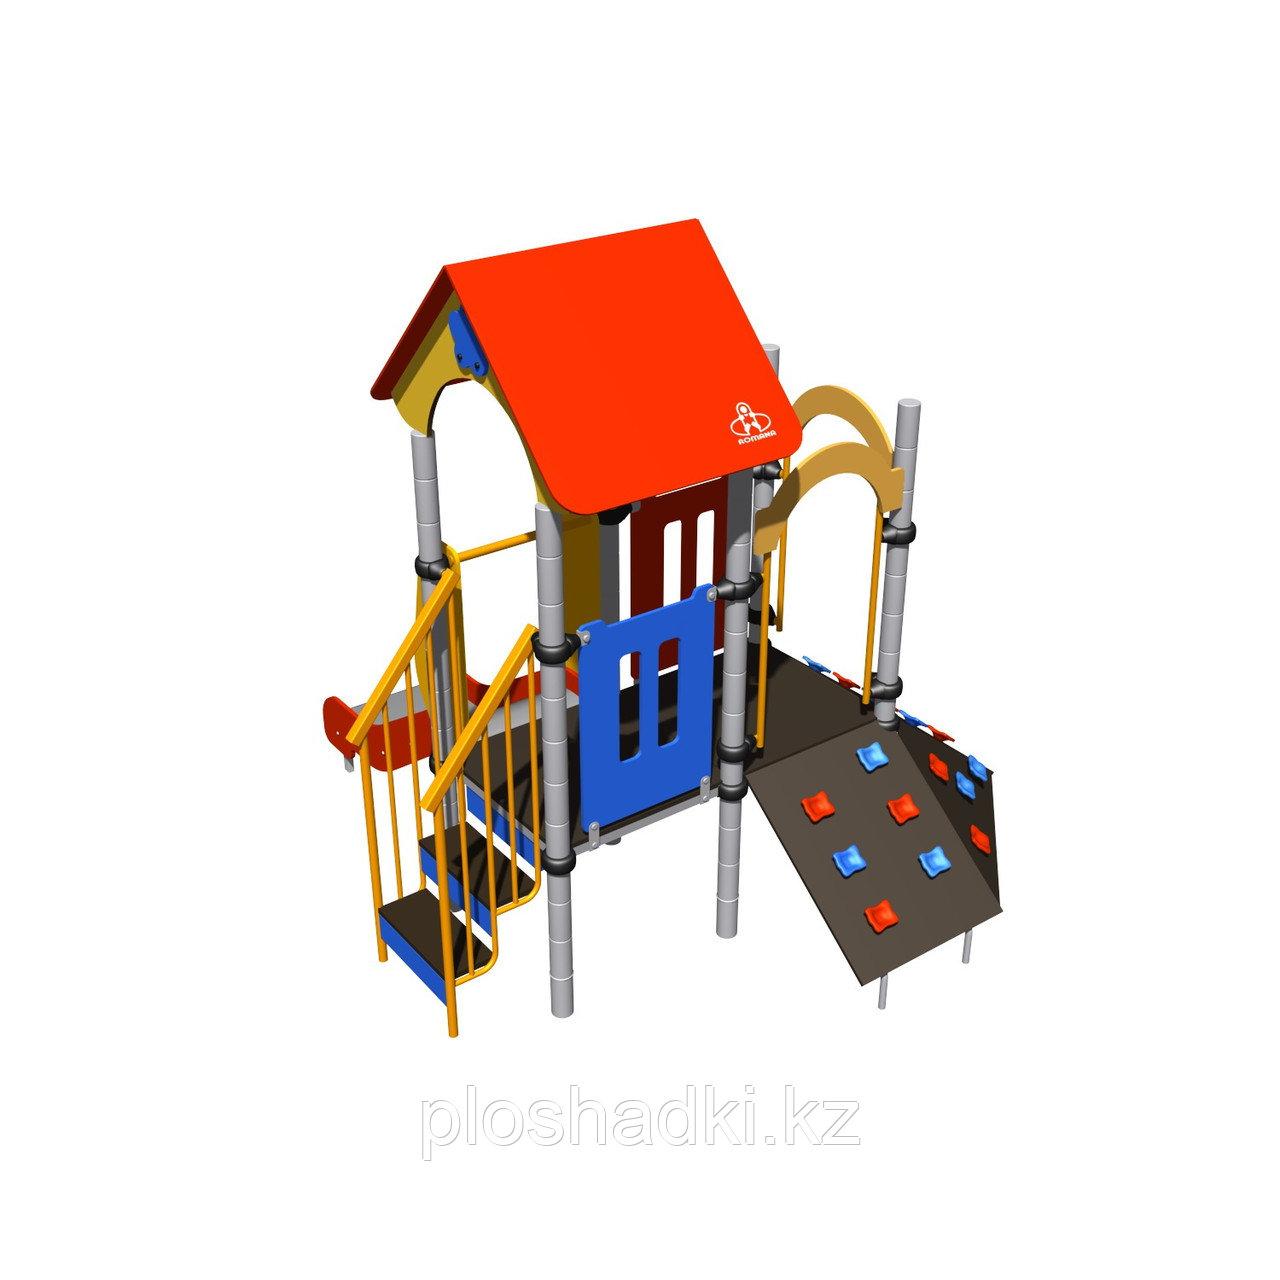 Игровой комплекс Romana, с лестницей, скалодромом, горкой